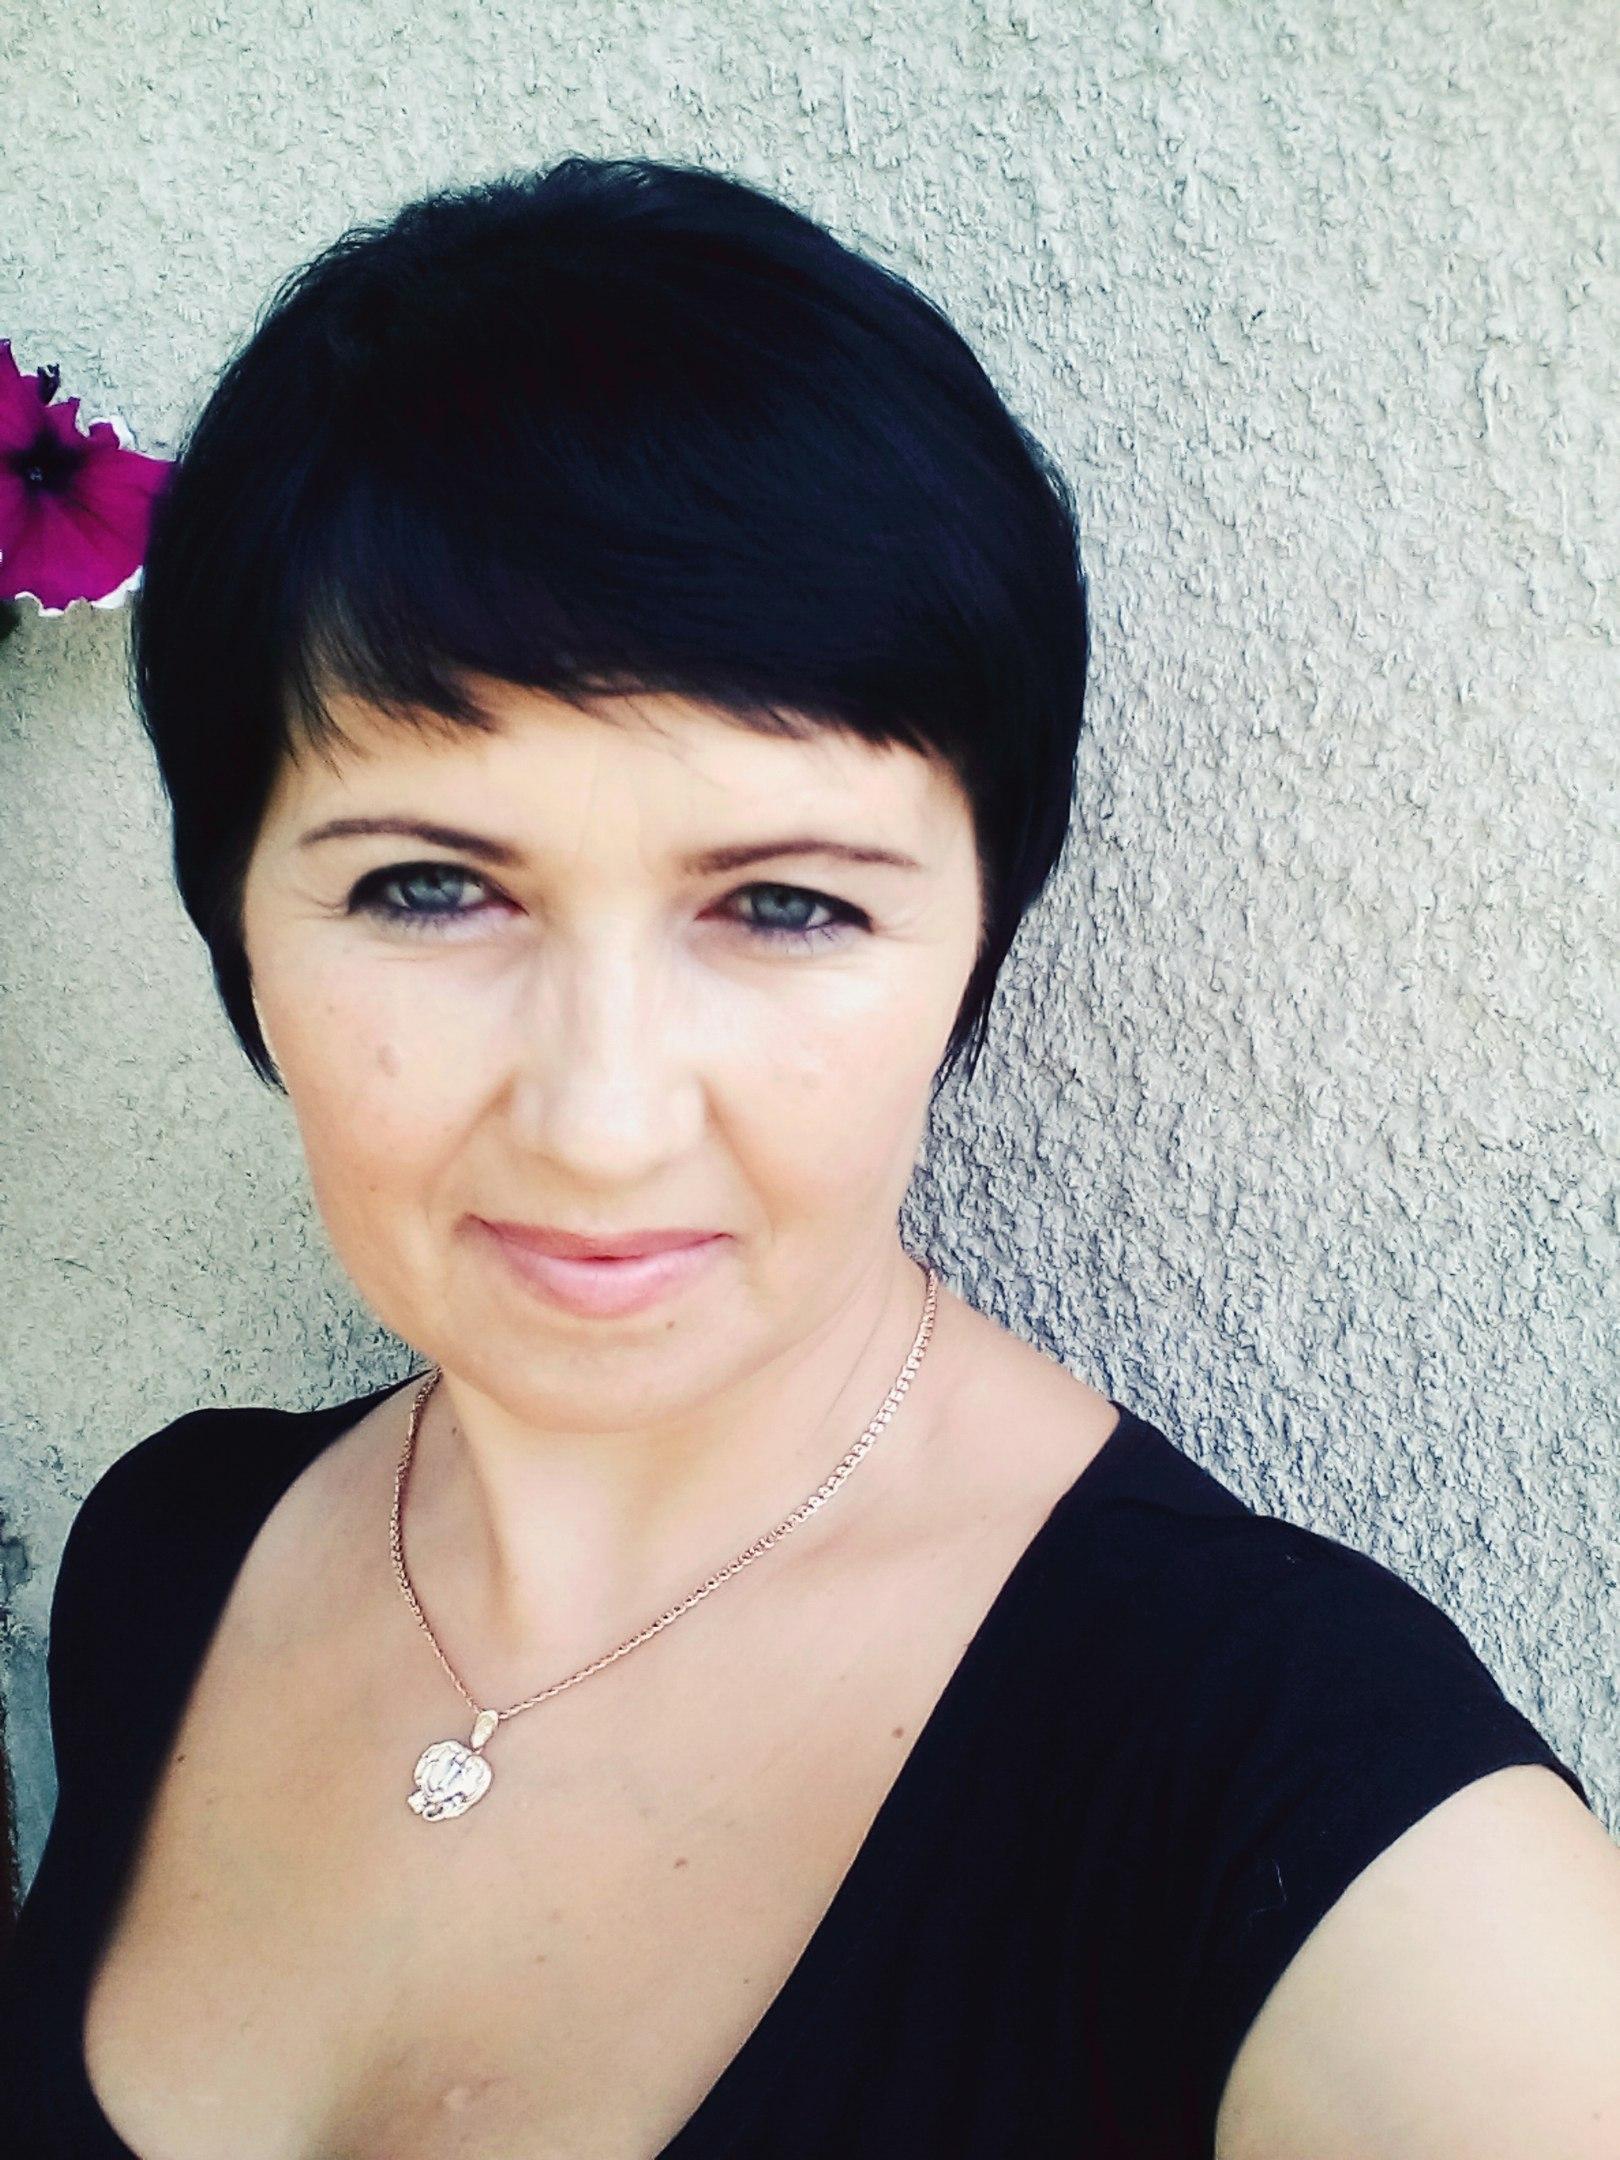 Tanya, 43, Ternopil